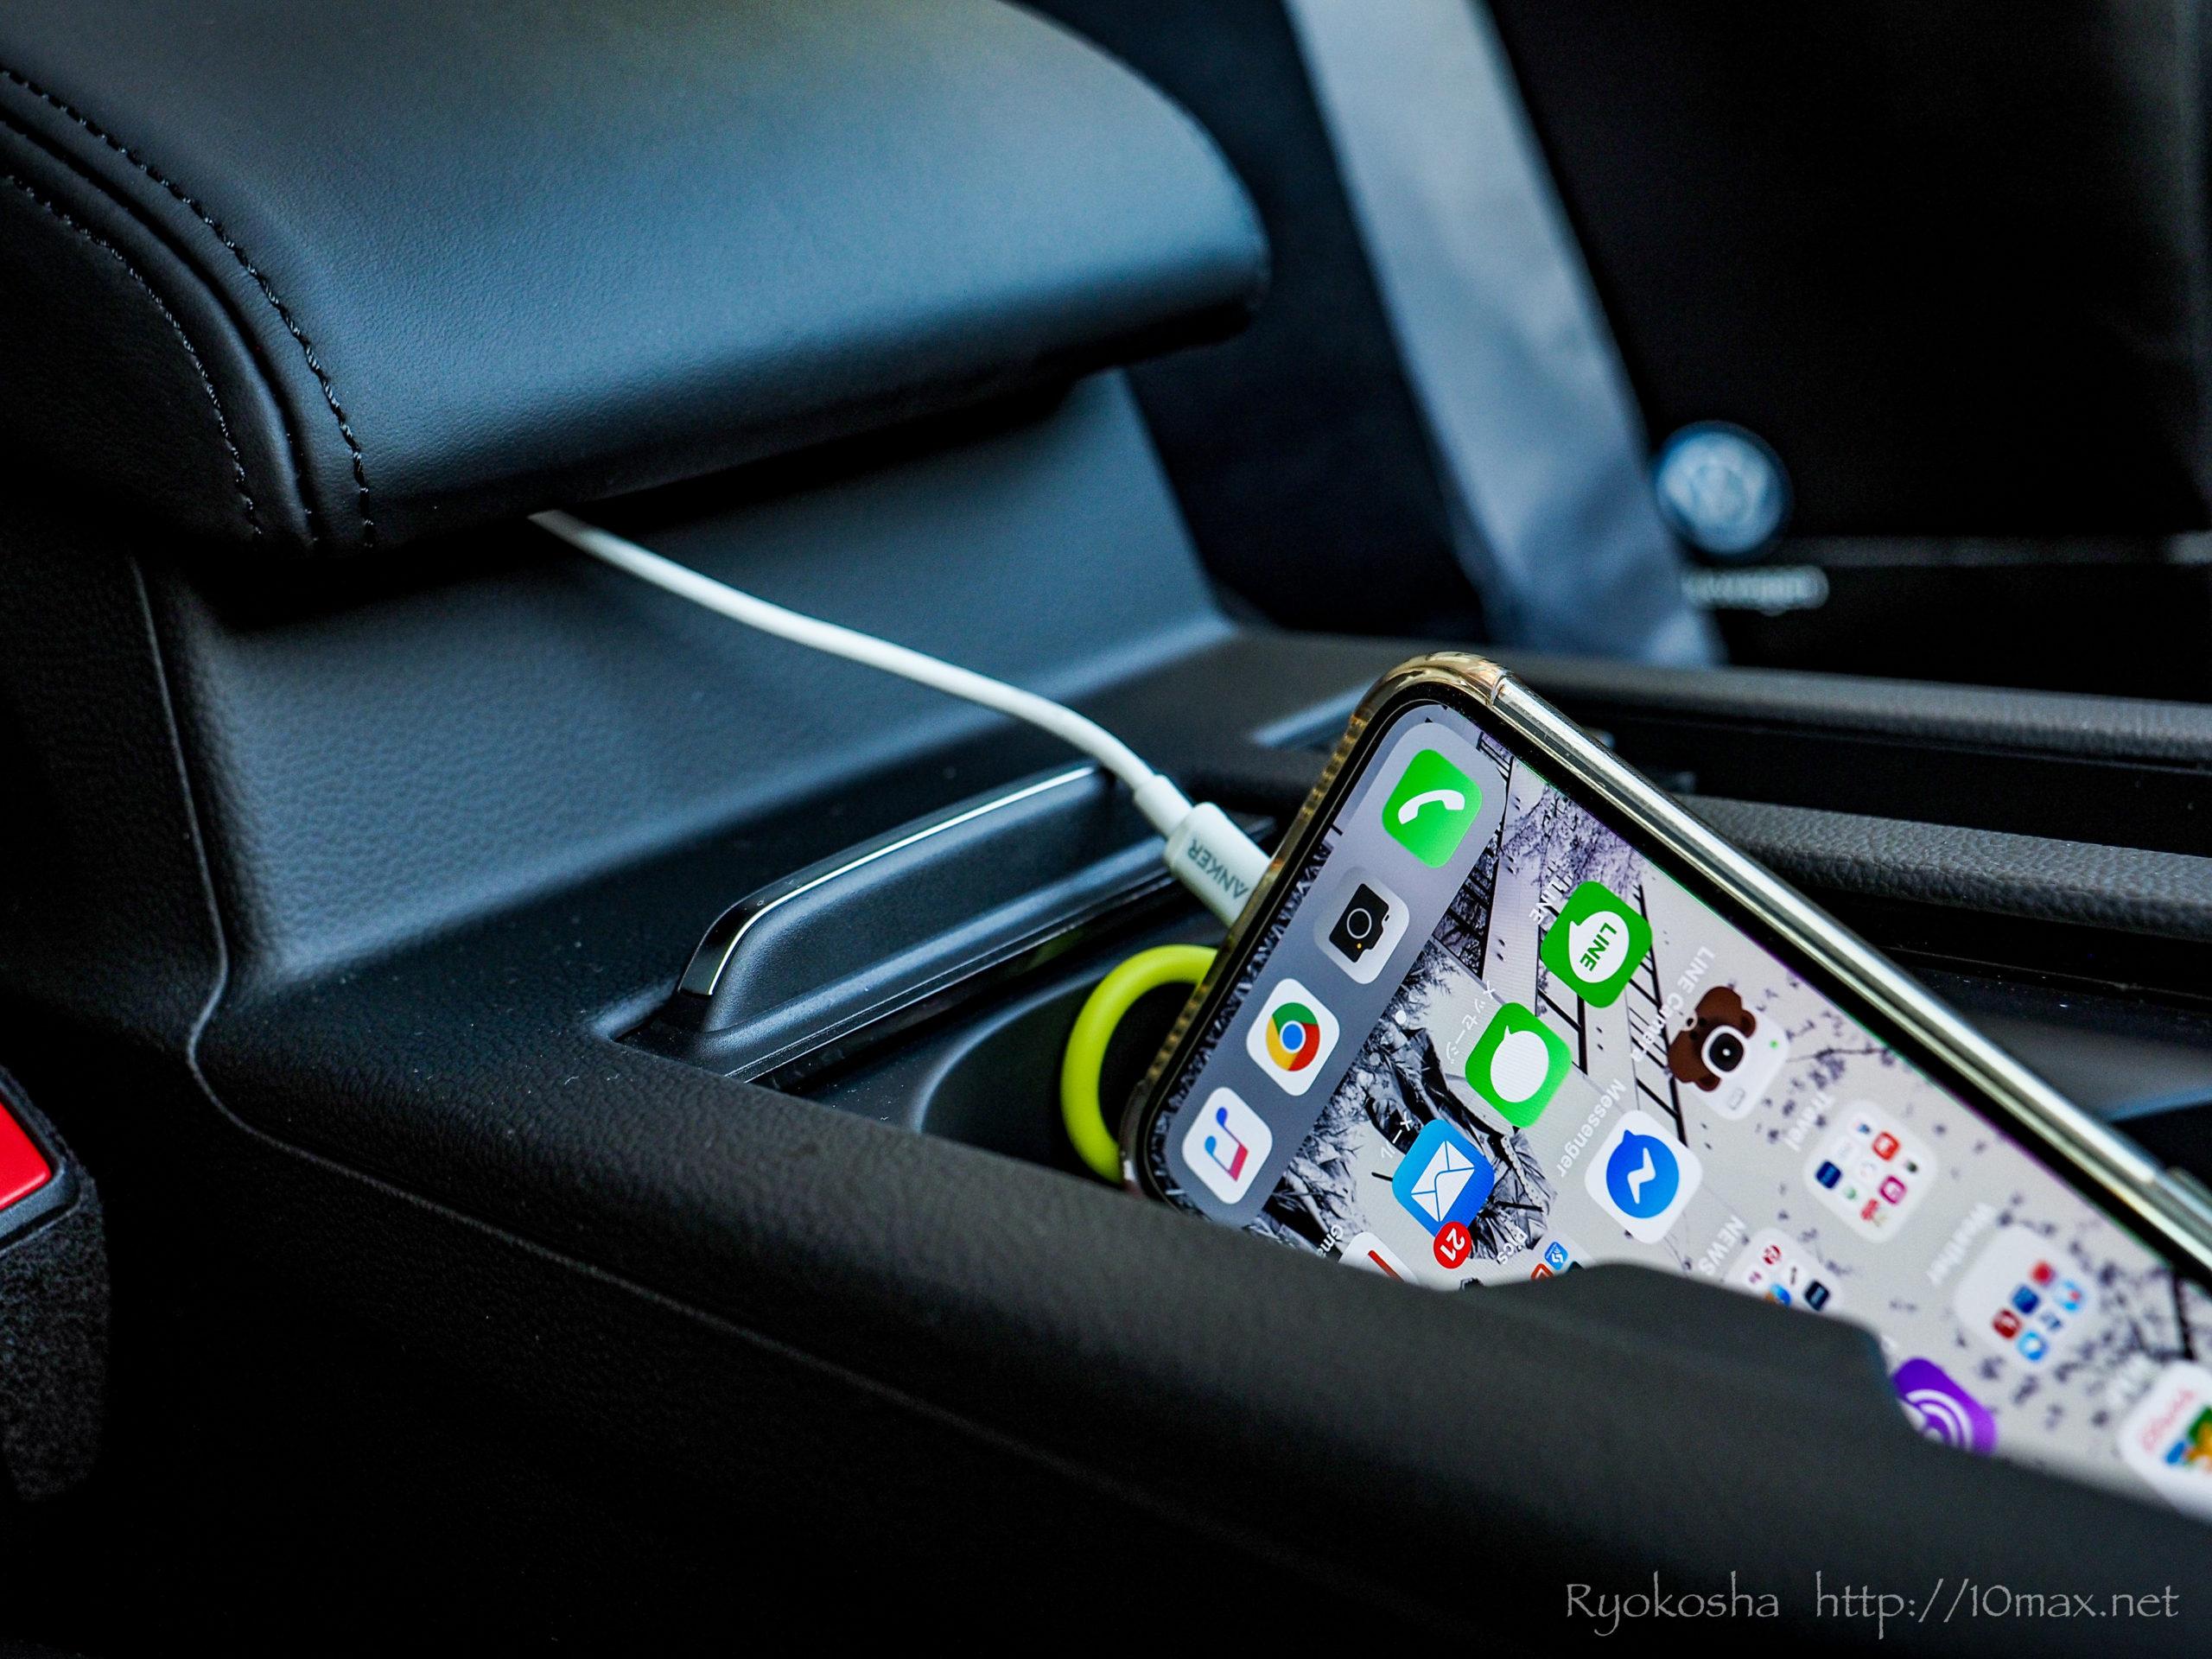 VW フォルクスワーゲン パサートオールトラック PassatAlltrack 内装 インテリア グローブボックス 収納 物入れ ユーティリティ ドリンクホルダー